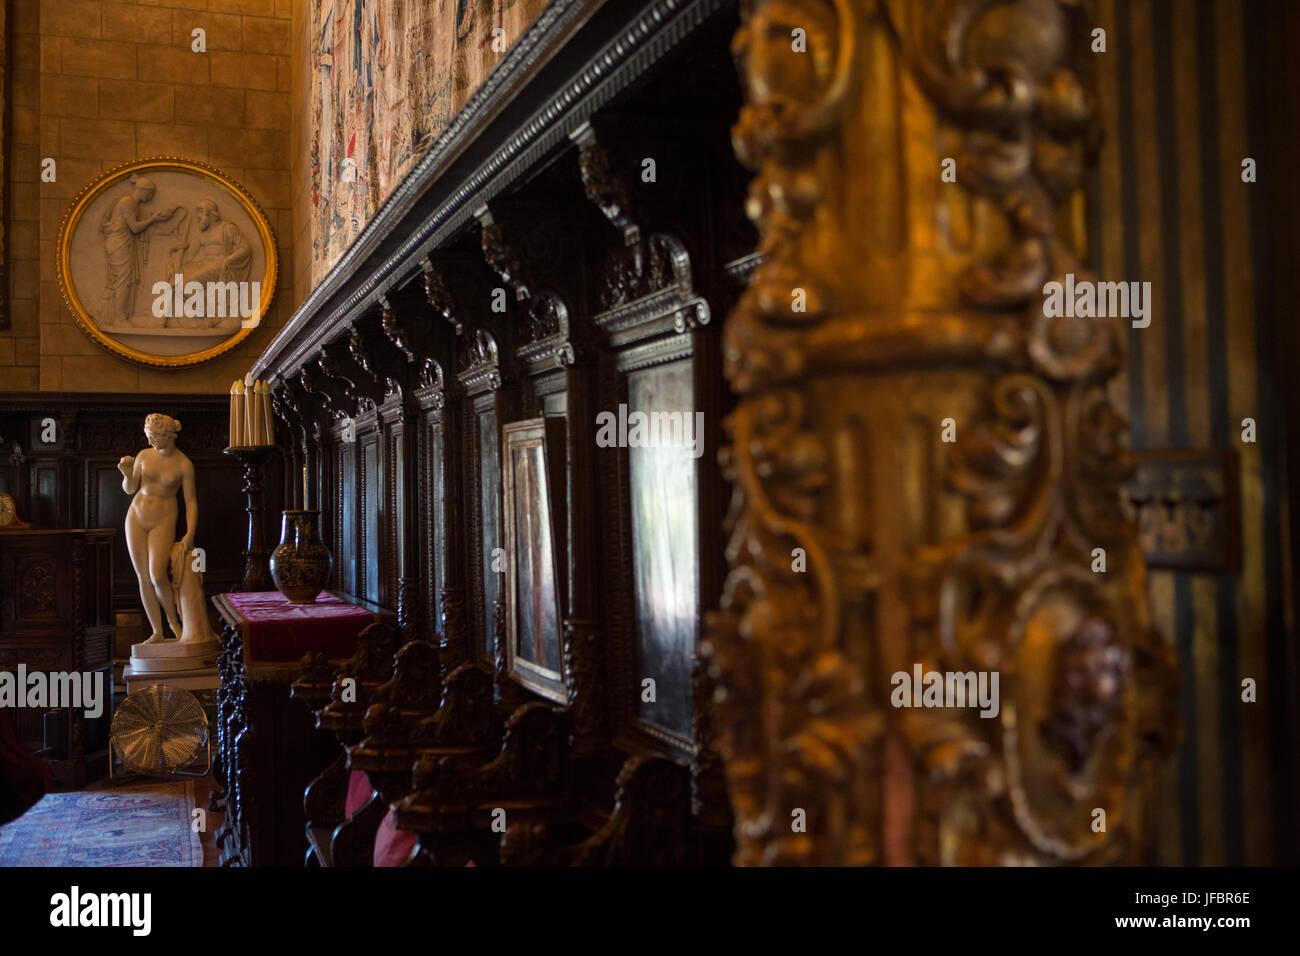 Hearst Castle Innenwände sind mit Chor Stuhl Stände, Statuen geschmückt, und kunstvolle Dekoration. Stockbild